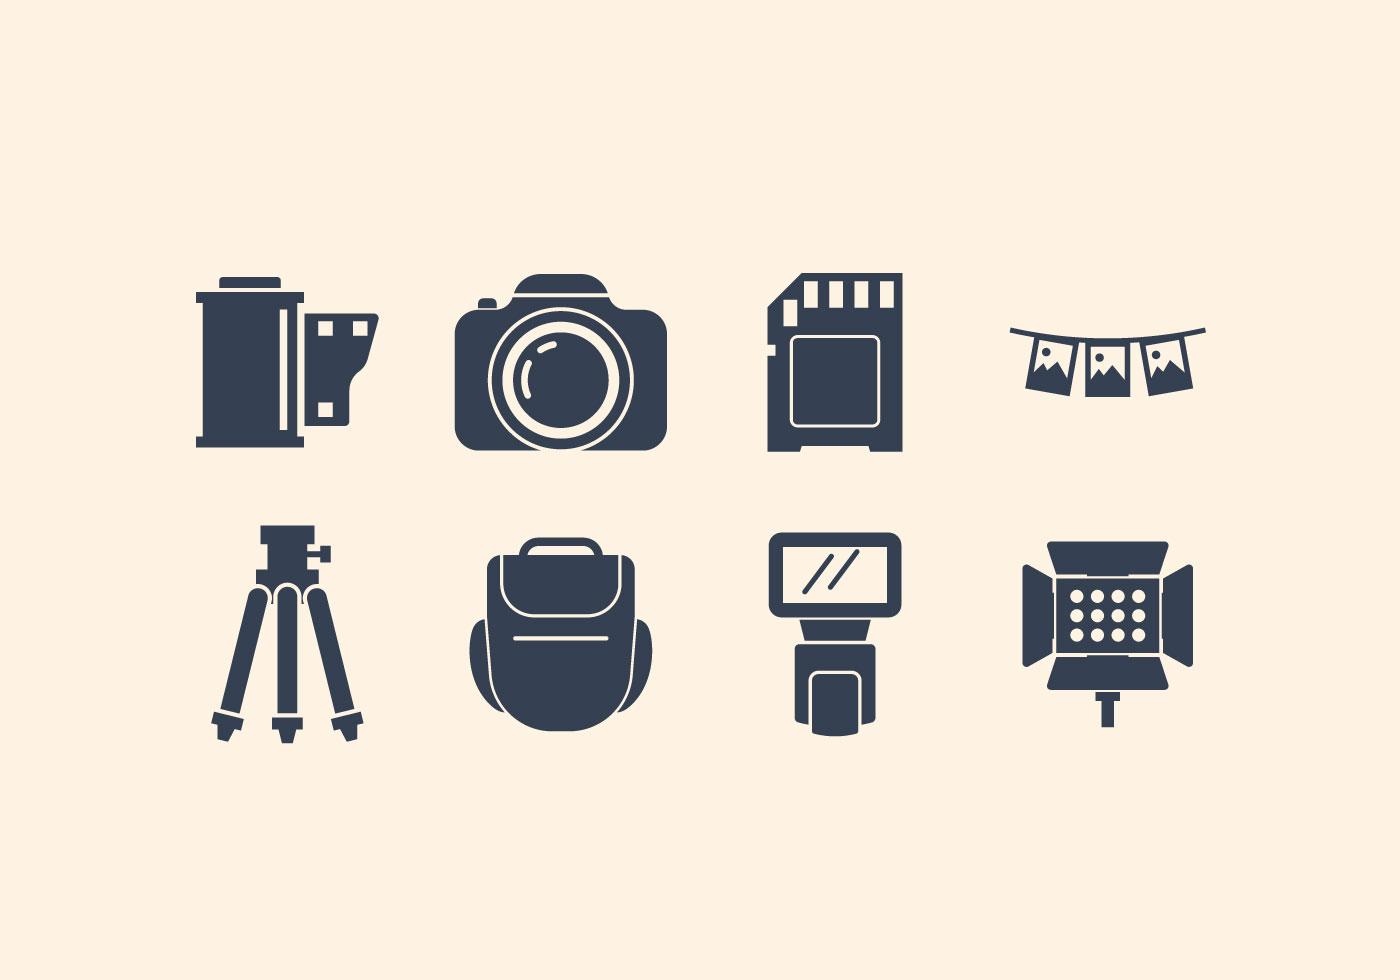 C mara libre y fotograf a icon set descargue gr ficos y for Camera blueprint maker gratuito